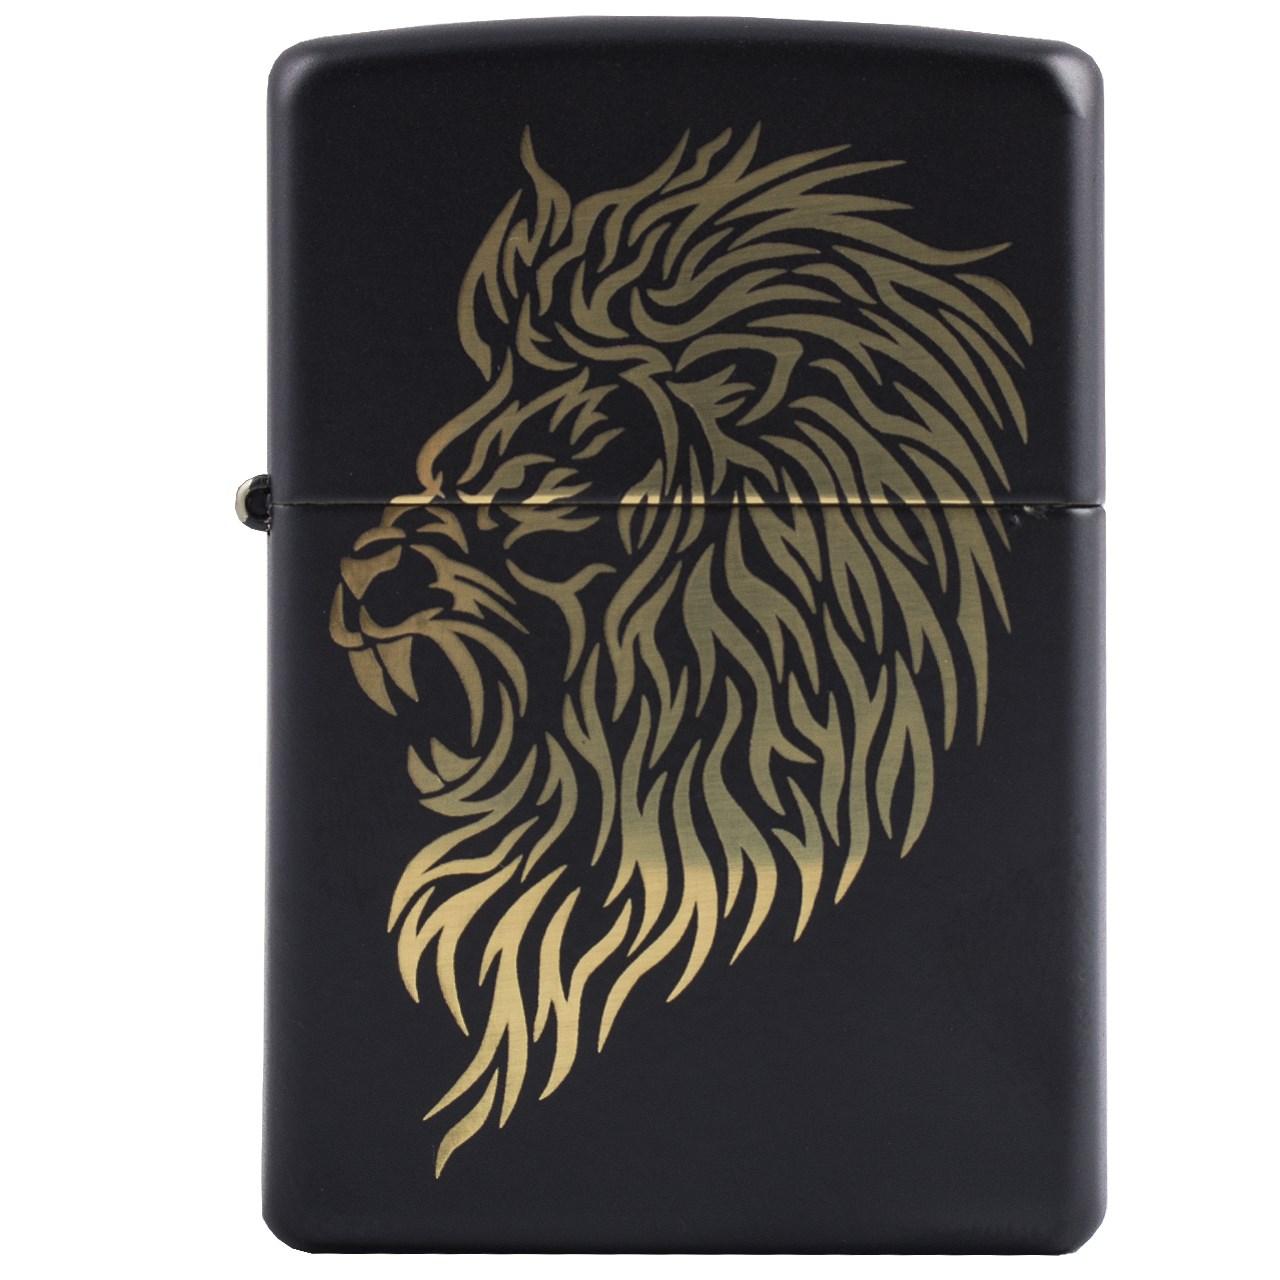 فندک زیپو مدل Lion کد 29470